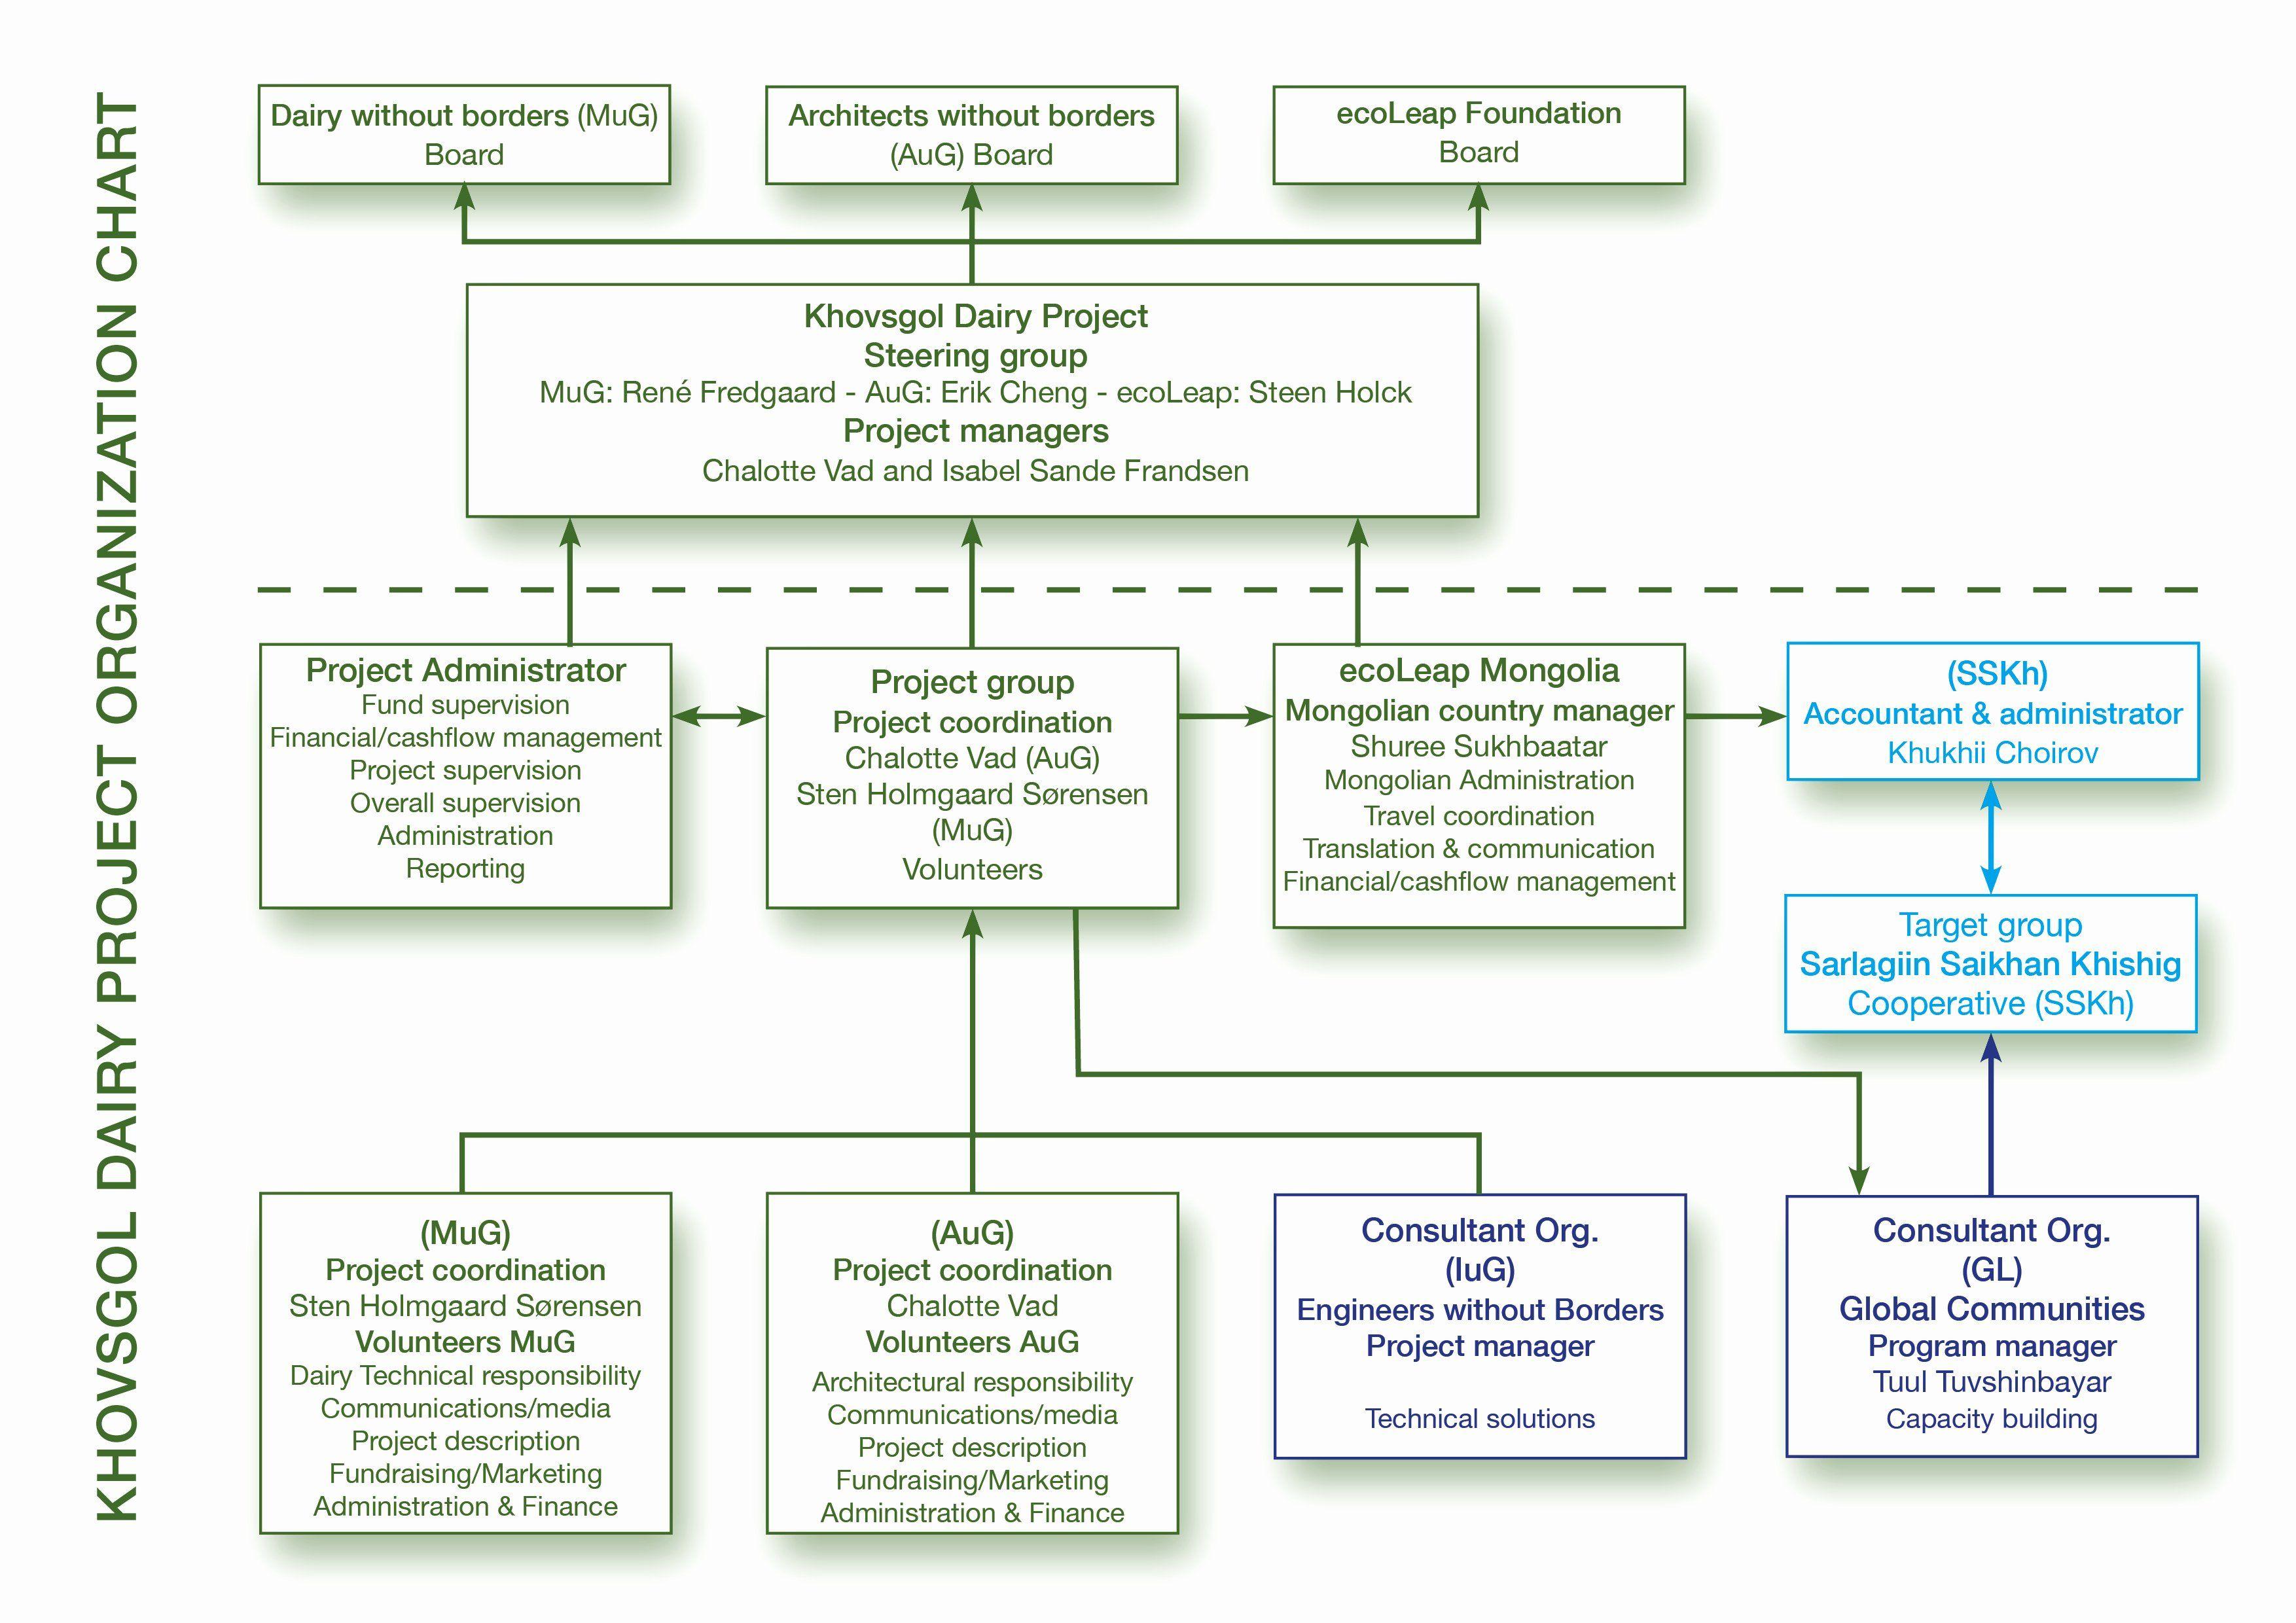 Non Profit Organizational Chart Template Beautiful Chart Non Profit Organizational Chart In 2020 Organizational Chart Engineering Resume Templates Templates